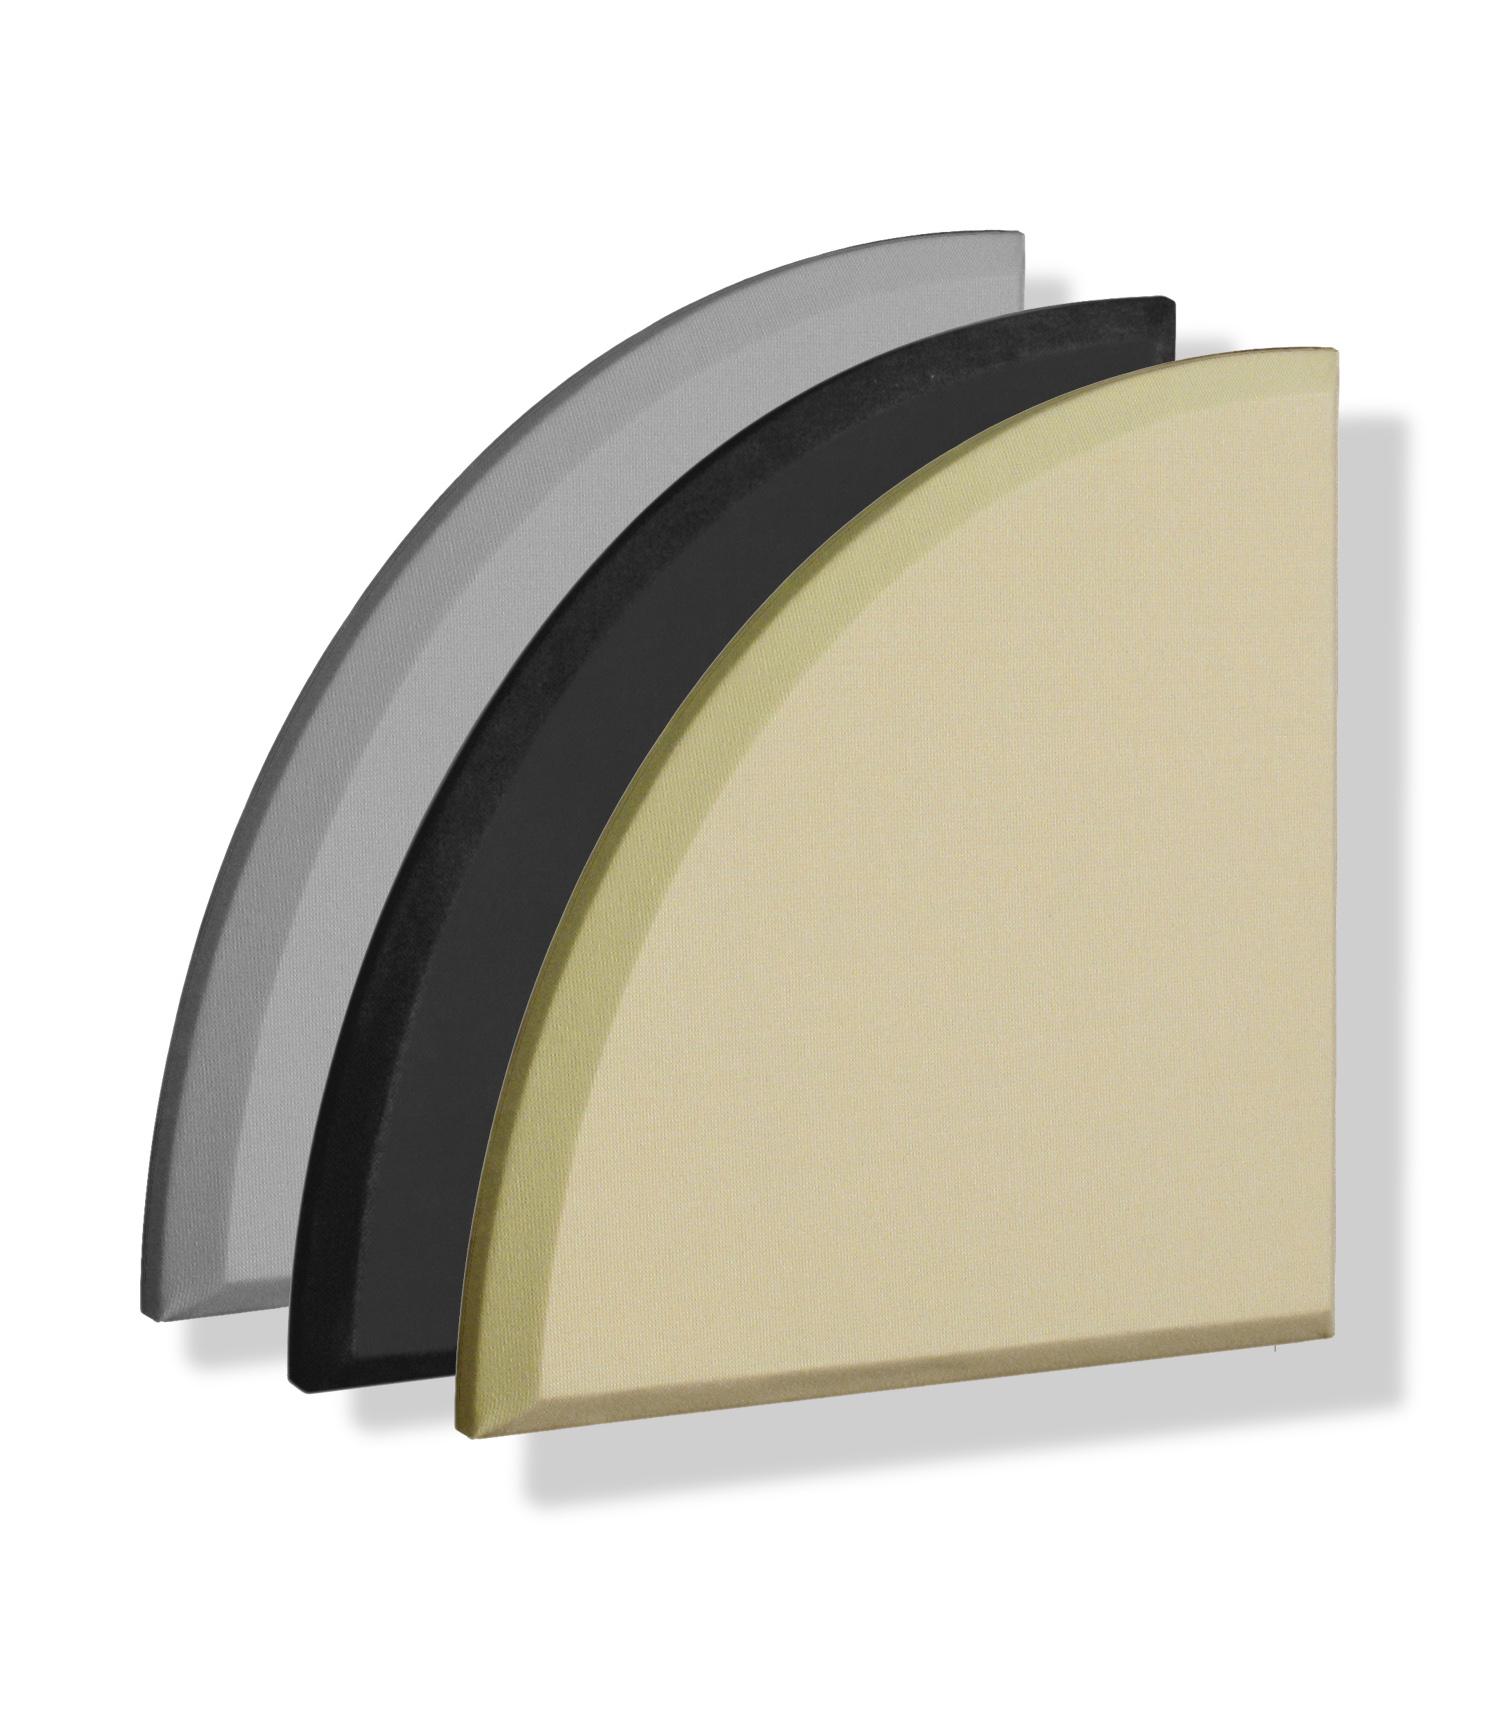 Buy Primacoustic - 2 ACCENT ARK 24 BEIGE 2pcs per pack